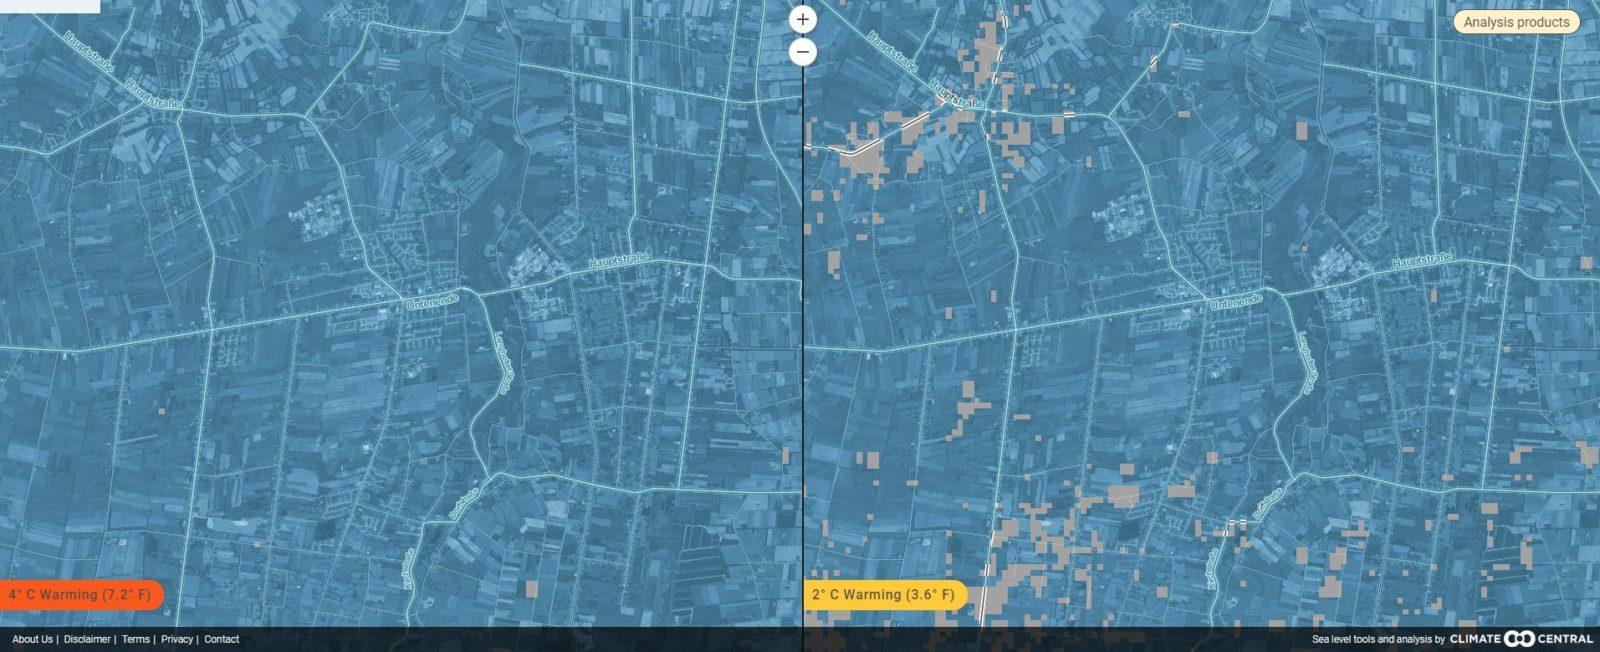 Rhauderfehn bei 2 und 4 Grad Erderwärmung in der interaktiven Karte